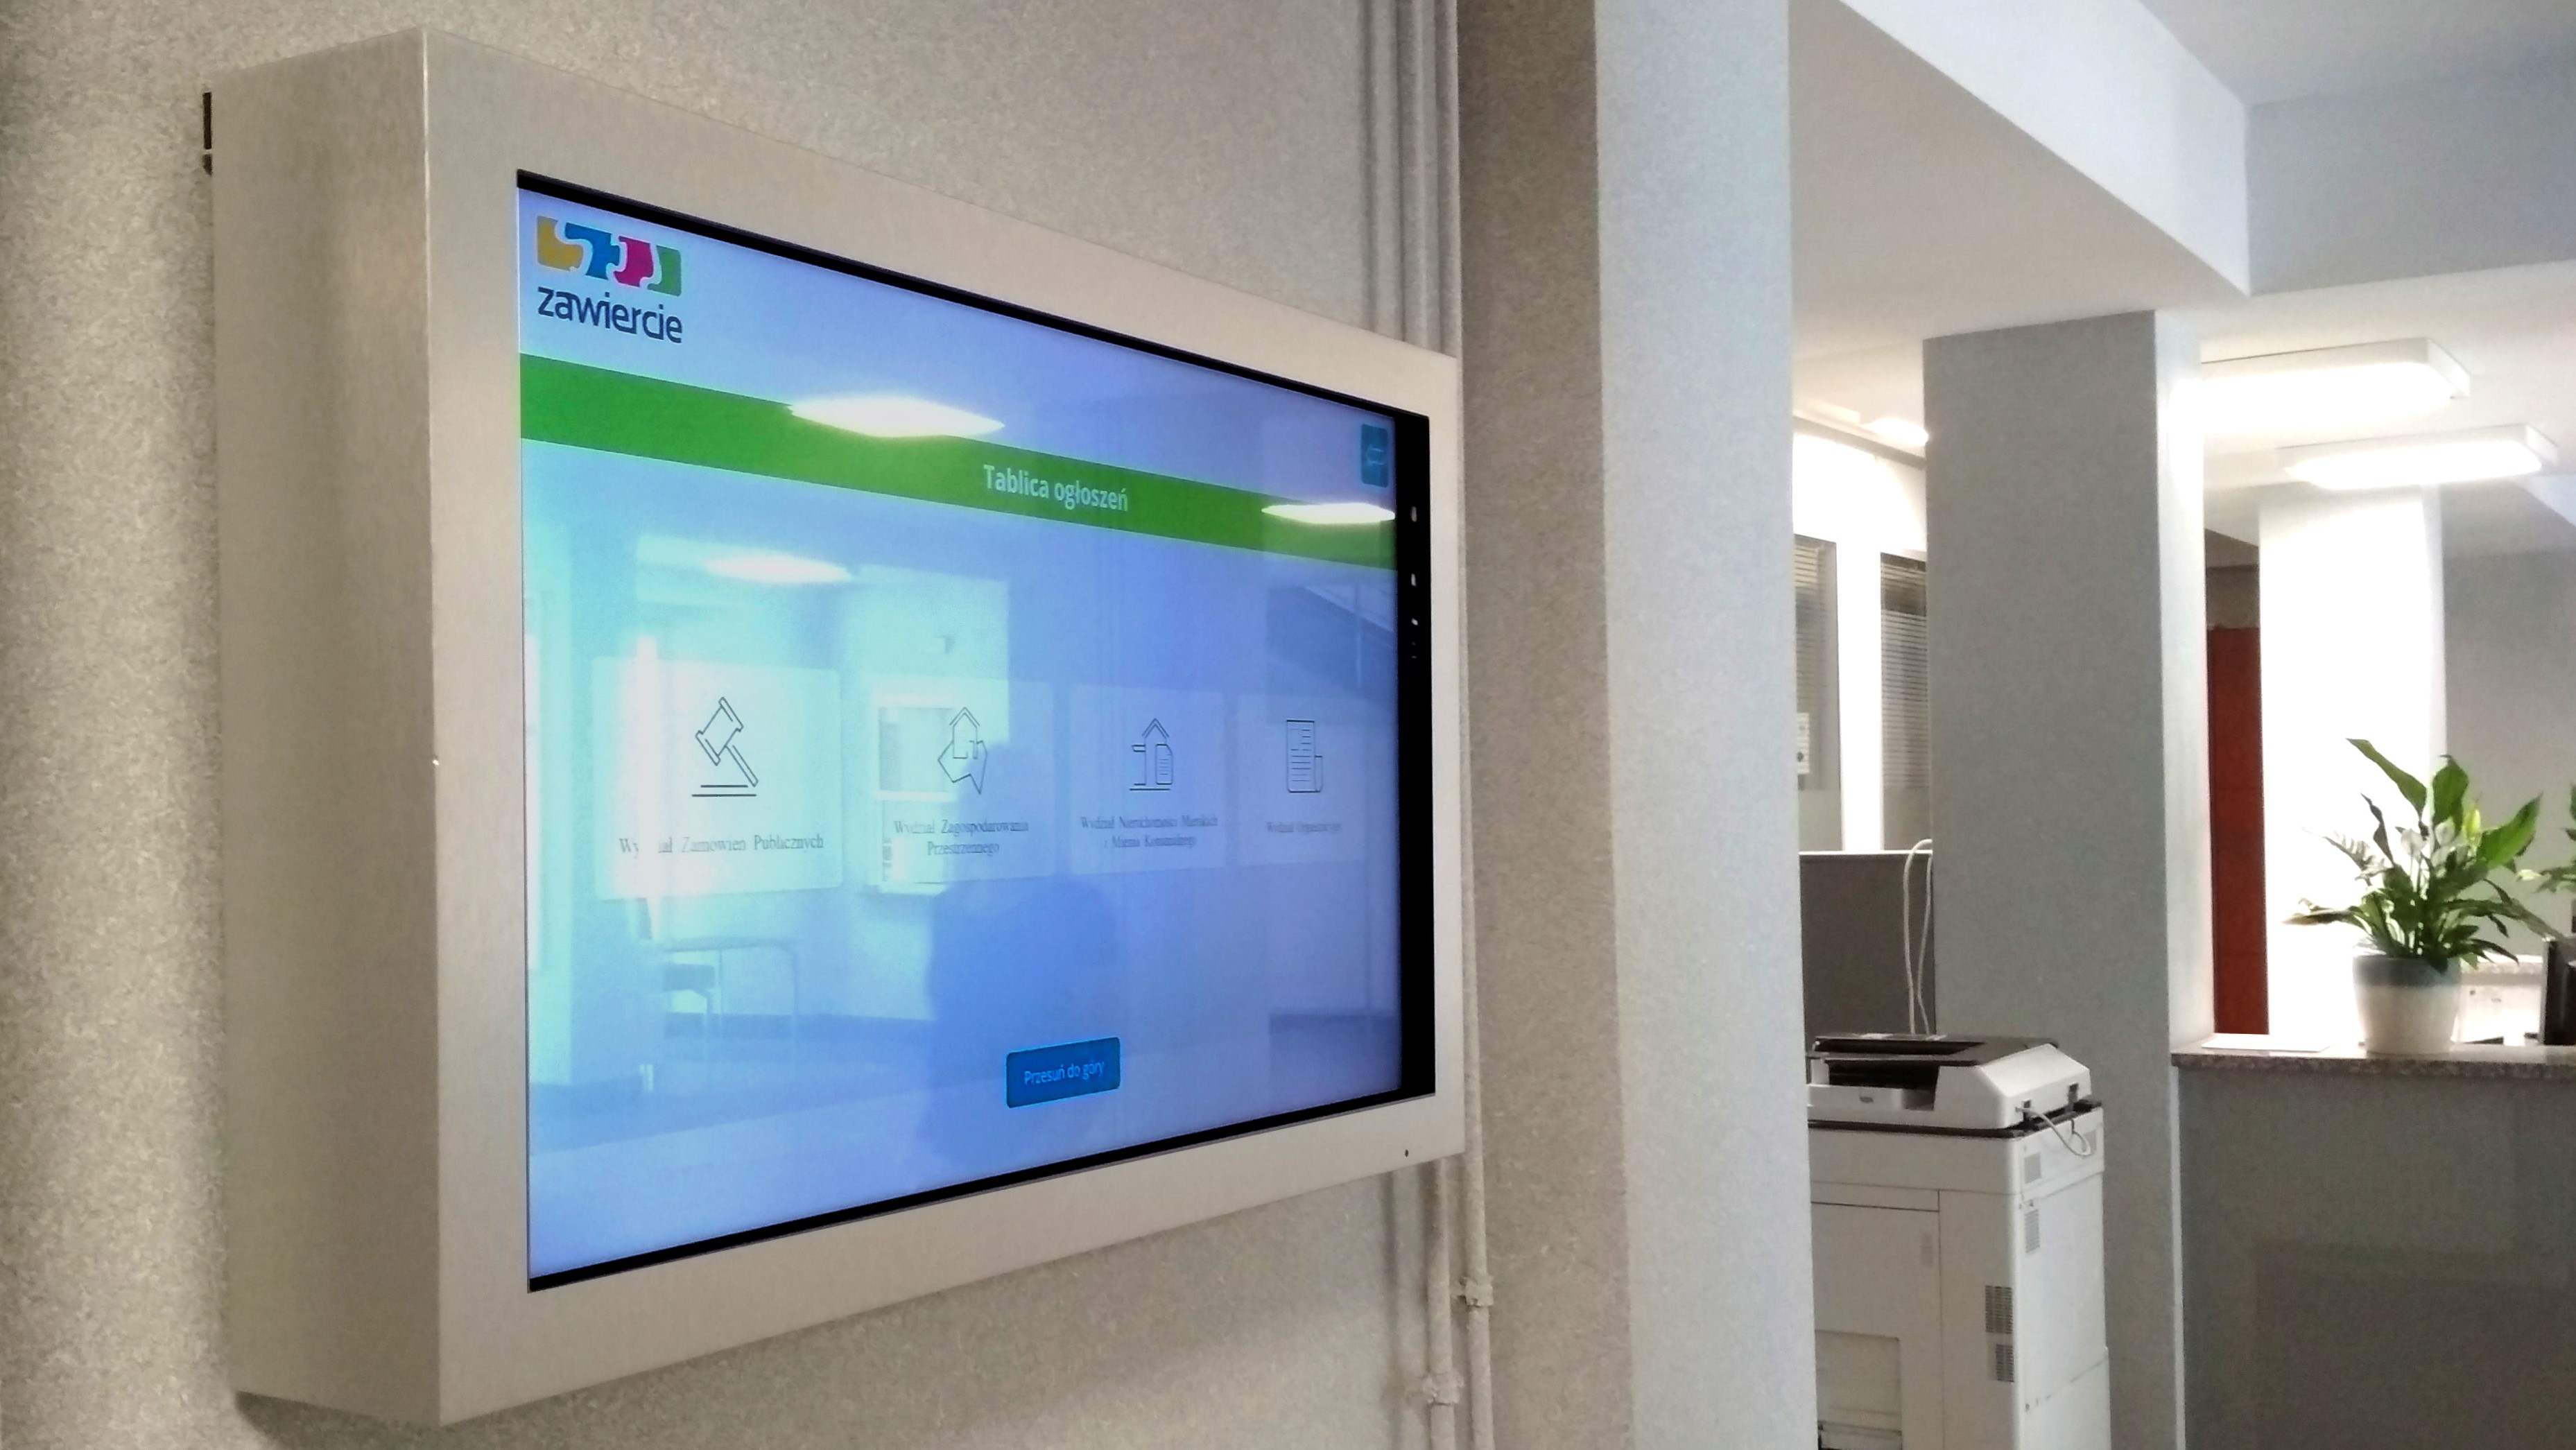 Urzędowa tablica interaktywna - IntraCOM.pl